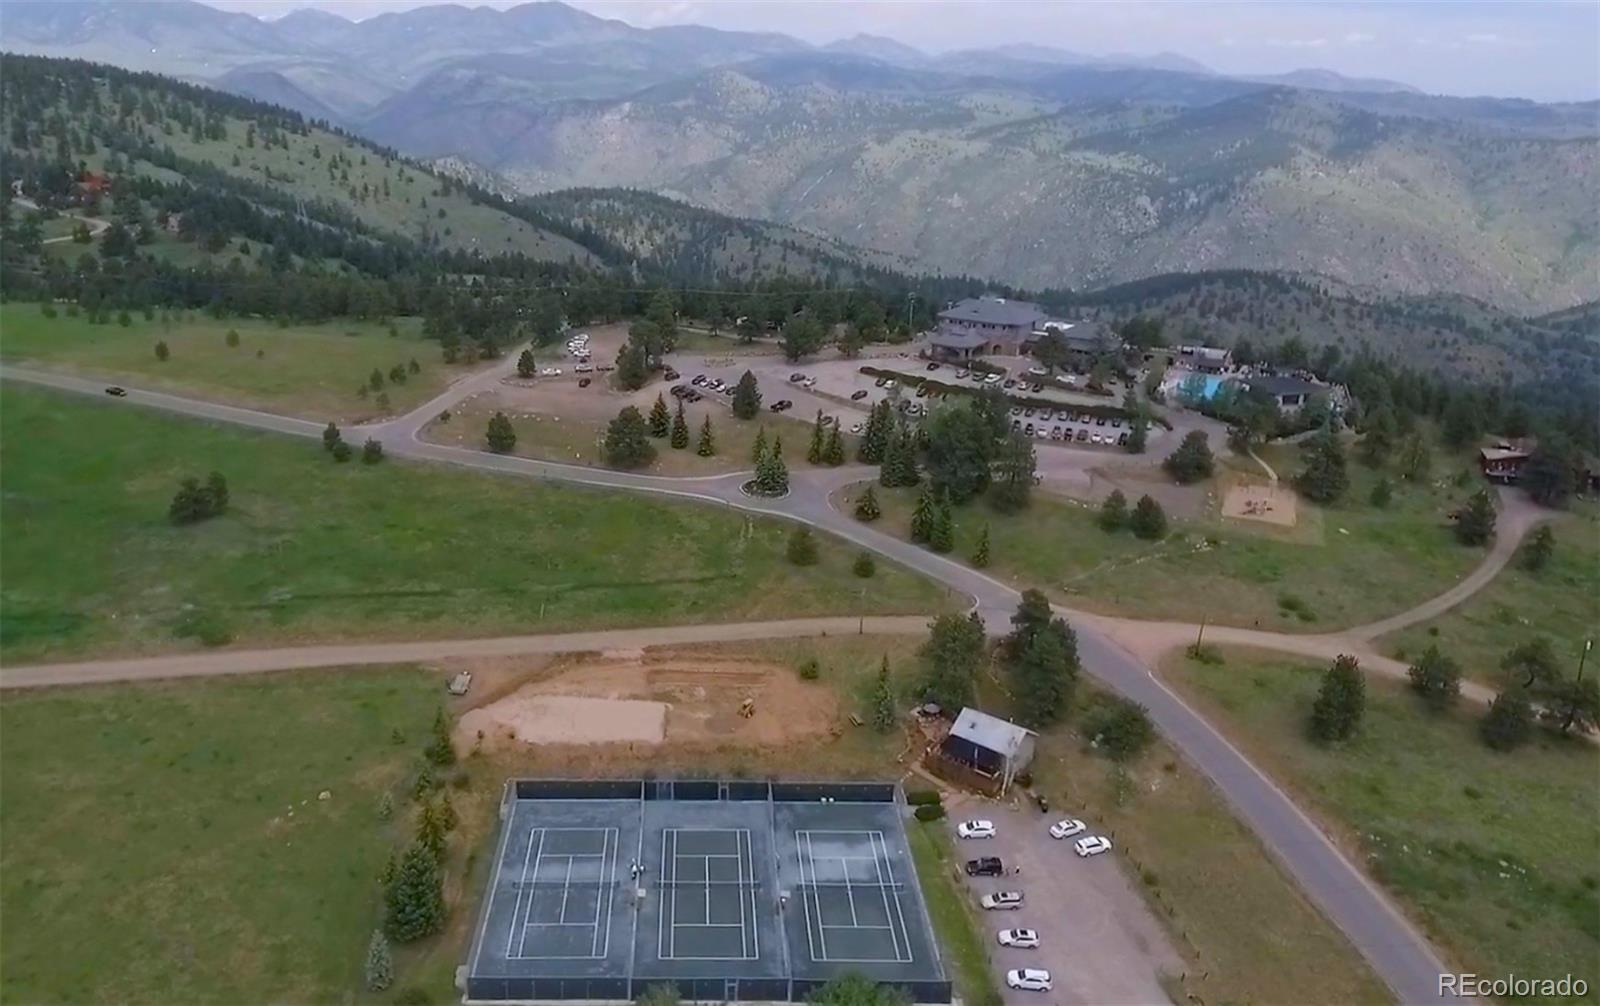 MLS# 3315114 - 1 - 25833 Centennial Trail, Golden, CO 80401